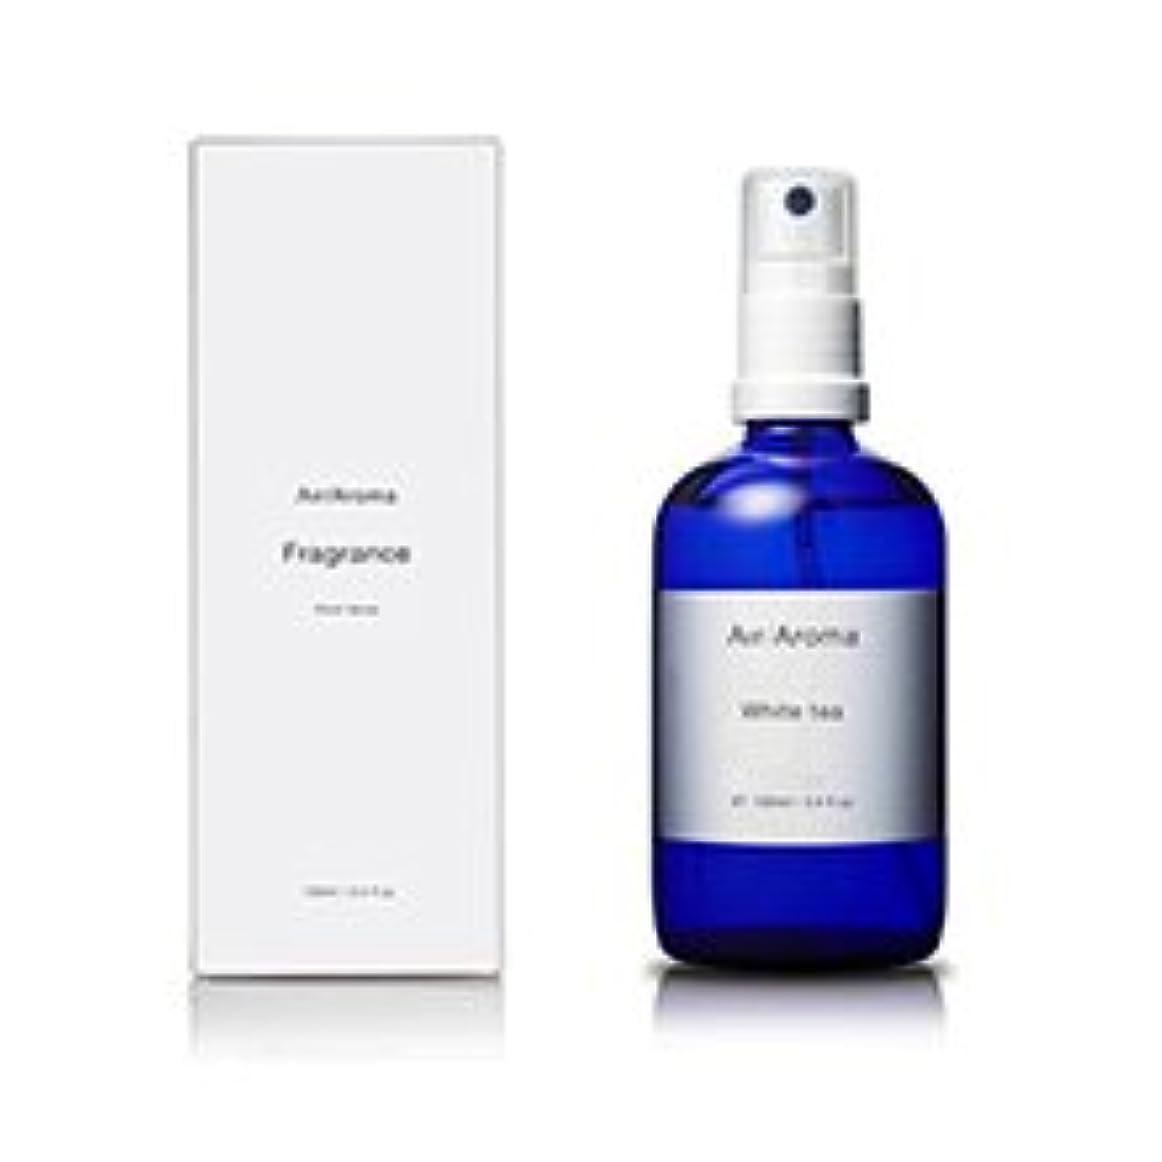 被るショッピングセンター故障エアアロマ white tea room fragrance(ホワイトティ ルームフレグランス)100ml